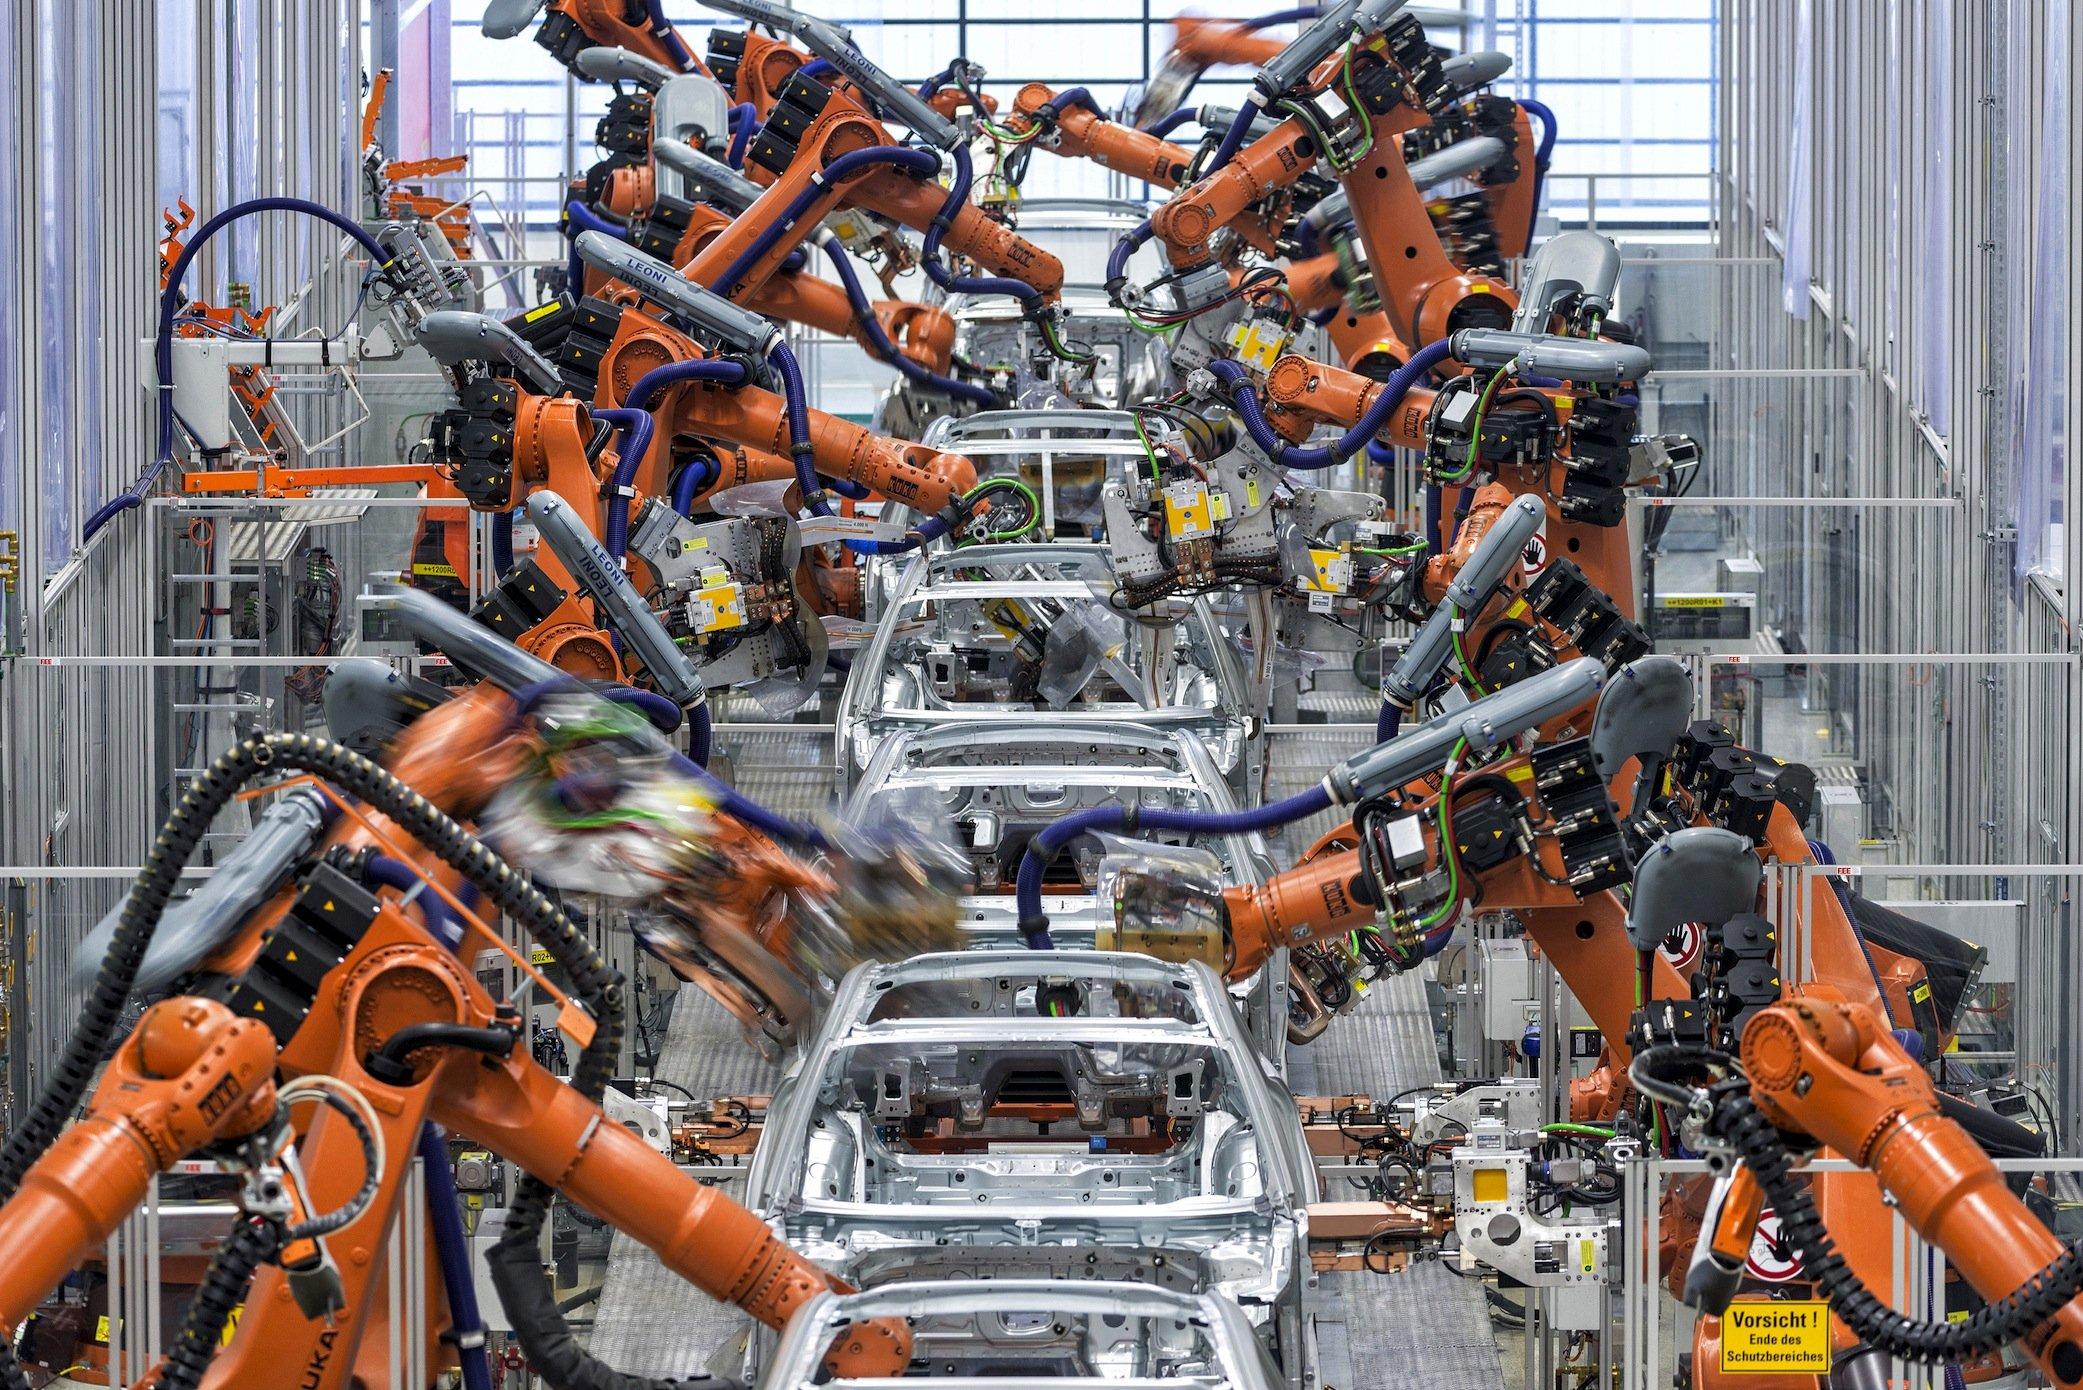 Karosseriefertigung im Audi-Werk in Ingolstadt: Jetzt ist auch Audi in den Skandal um manipulierte Dieselmotoren verwickelt. Der bei Audi entwickelte 3-l-Turbodiesel, der die Modelle Audi Q7 und A8, VWTouareg und Porsche Cayenne antreibt, verfügt über eine Manipulationssoftware.